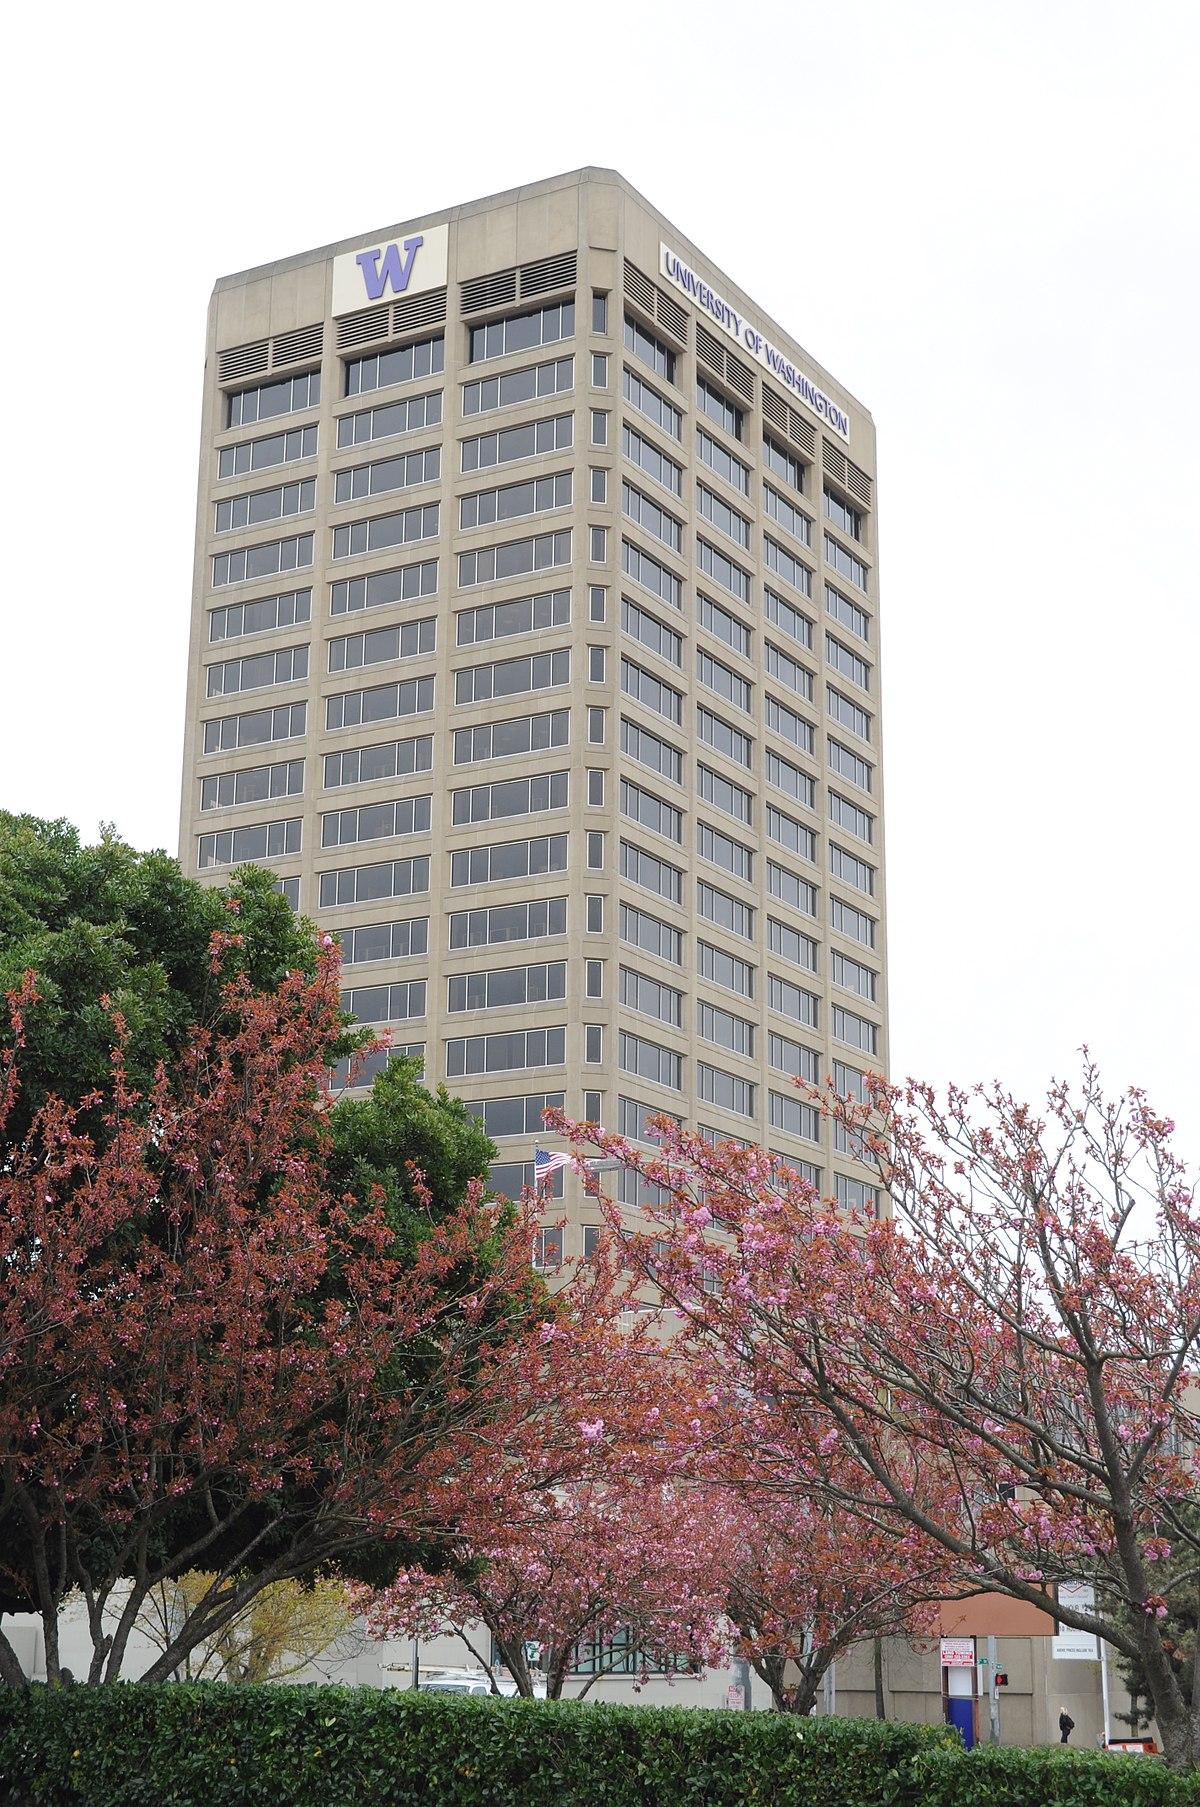 Uw Tower Wikipedia